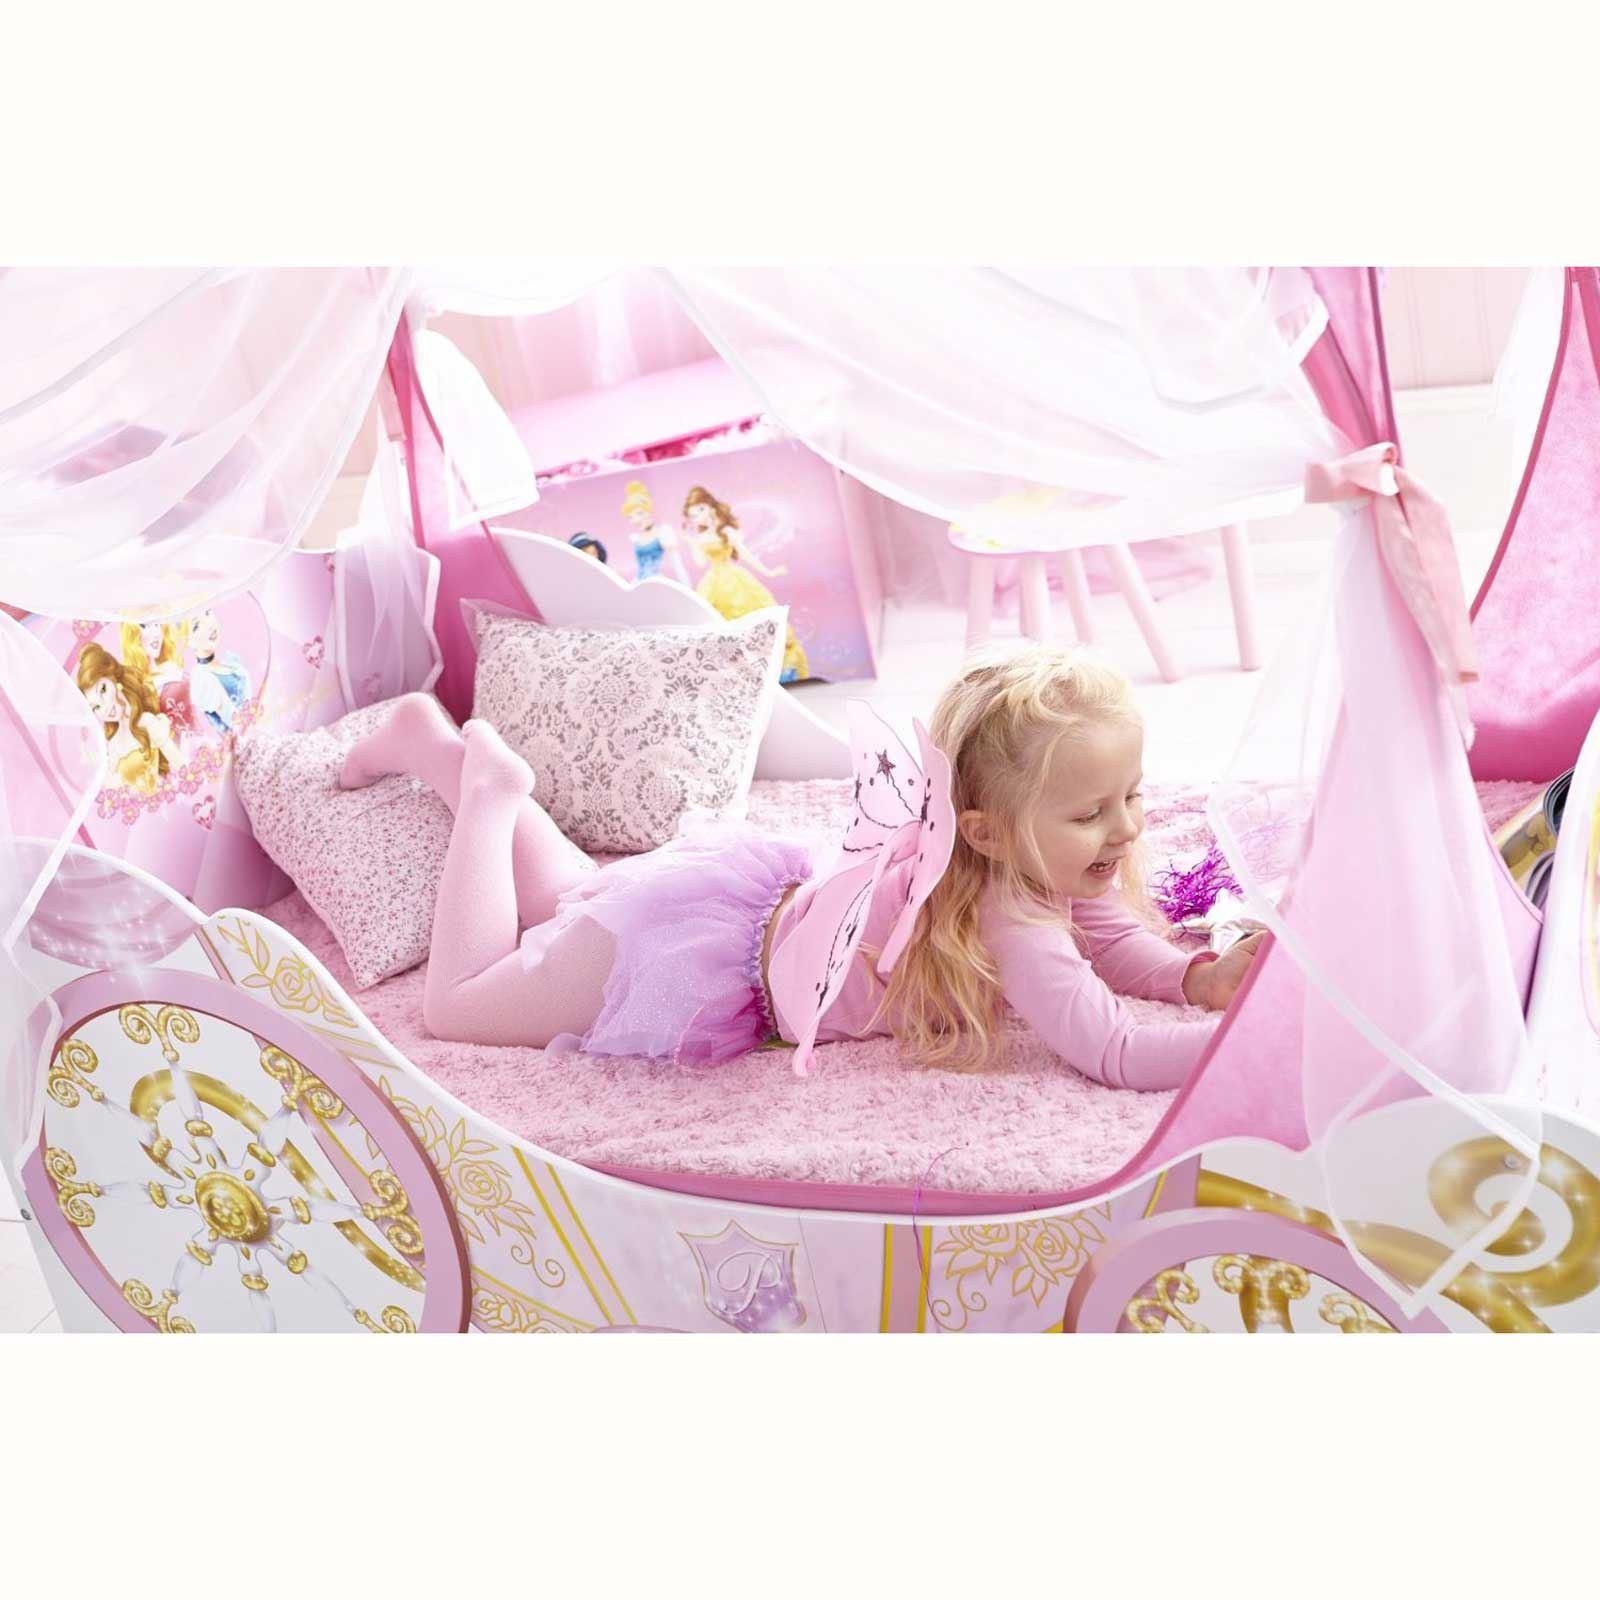 disney kleinkind bett prinzessin kutsche neue matratze. Black Bedroom Furniture Sets. Home Design Ideas